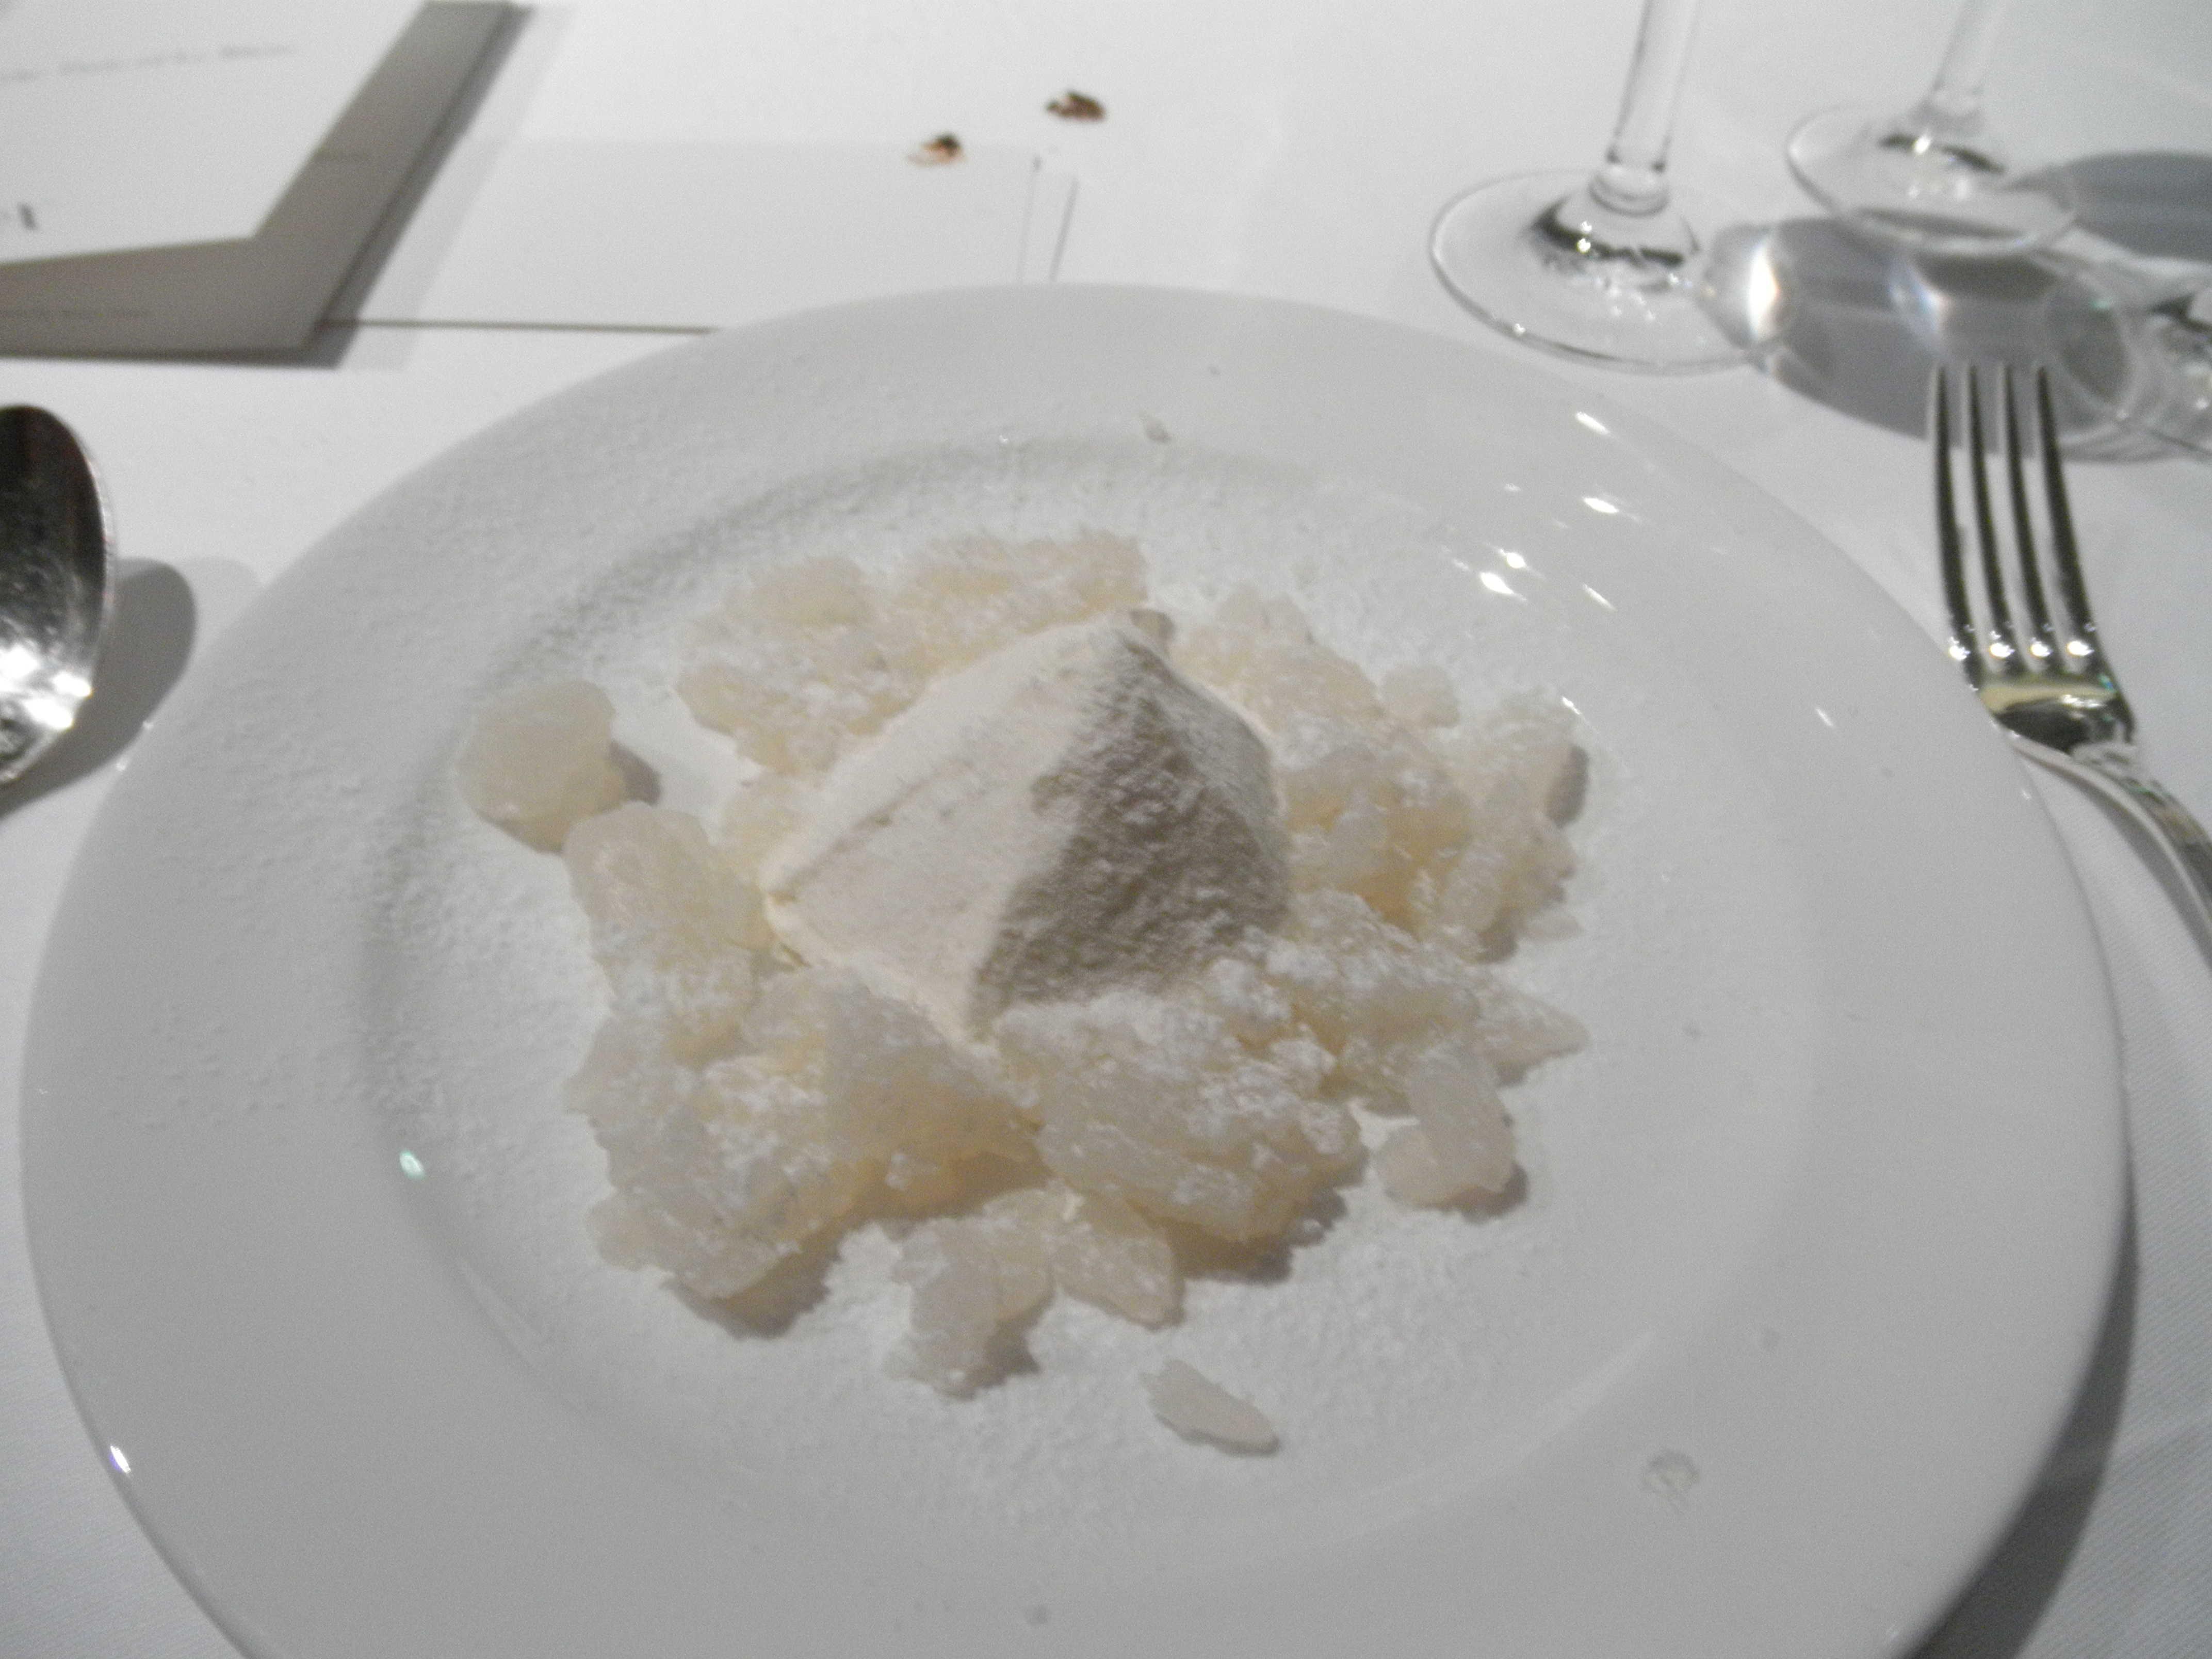 モンブランの白い晩餐_d0339890_12342751.jpg